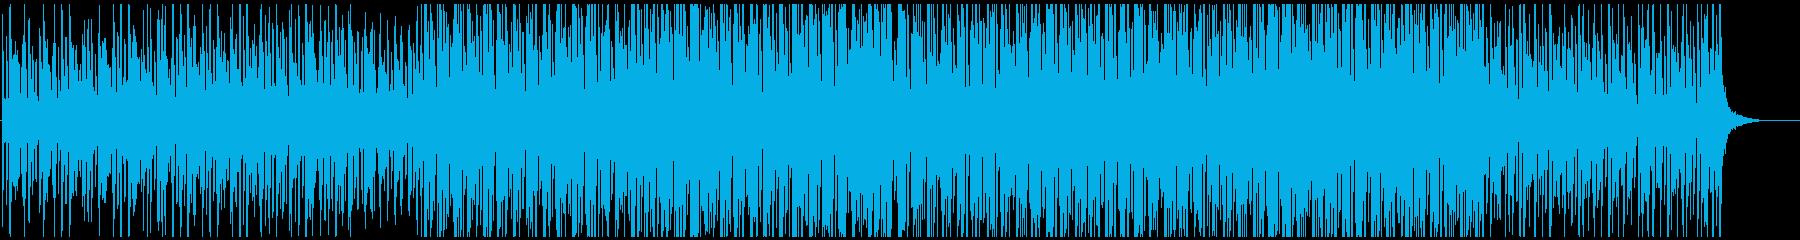 企業VPや映像に シンプルさが印象的の再生済みの波形